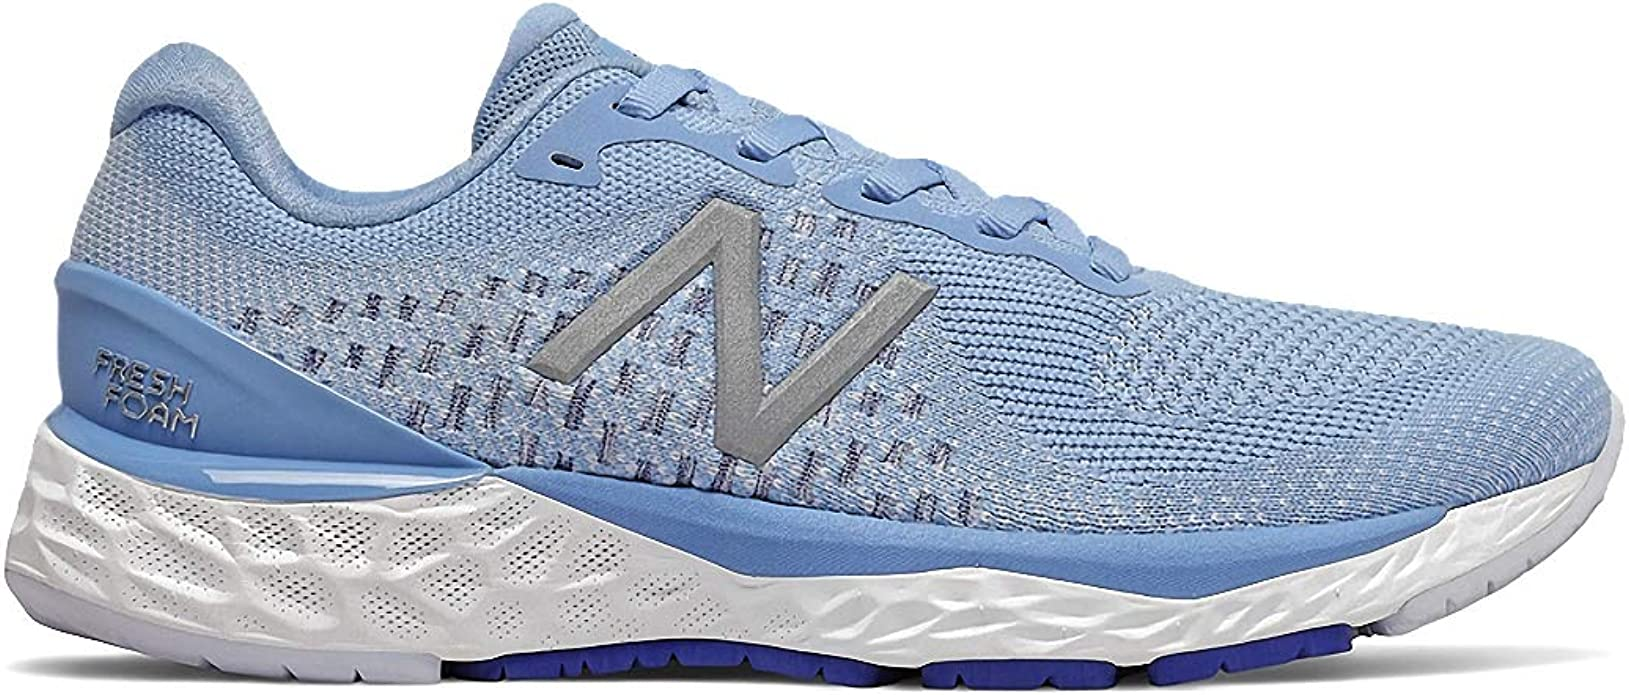 New Balance 880v10 - Zapatillas de Correr Acolchadas Neutras para Mujer: Amazon.es: Zapatos y complementos